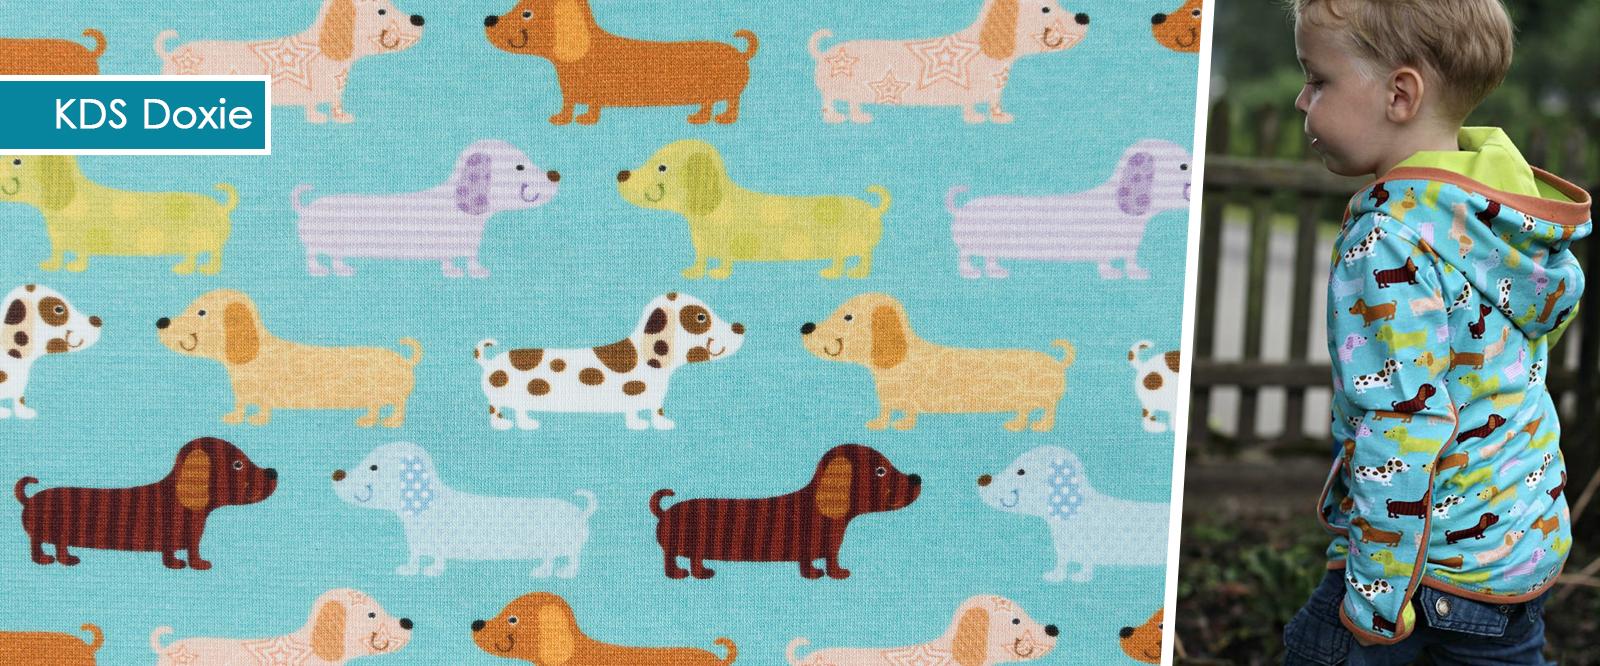 KDS Doxie - Jersey Eigenproduktion mit Hunden